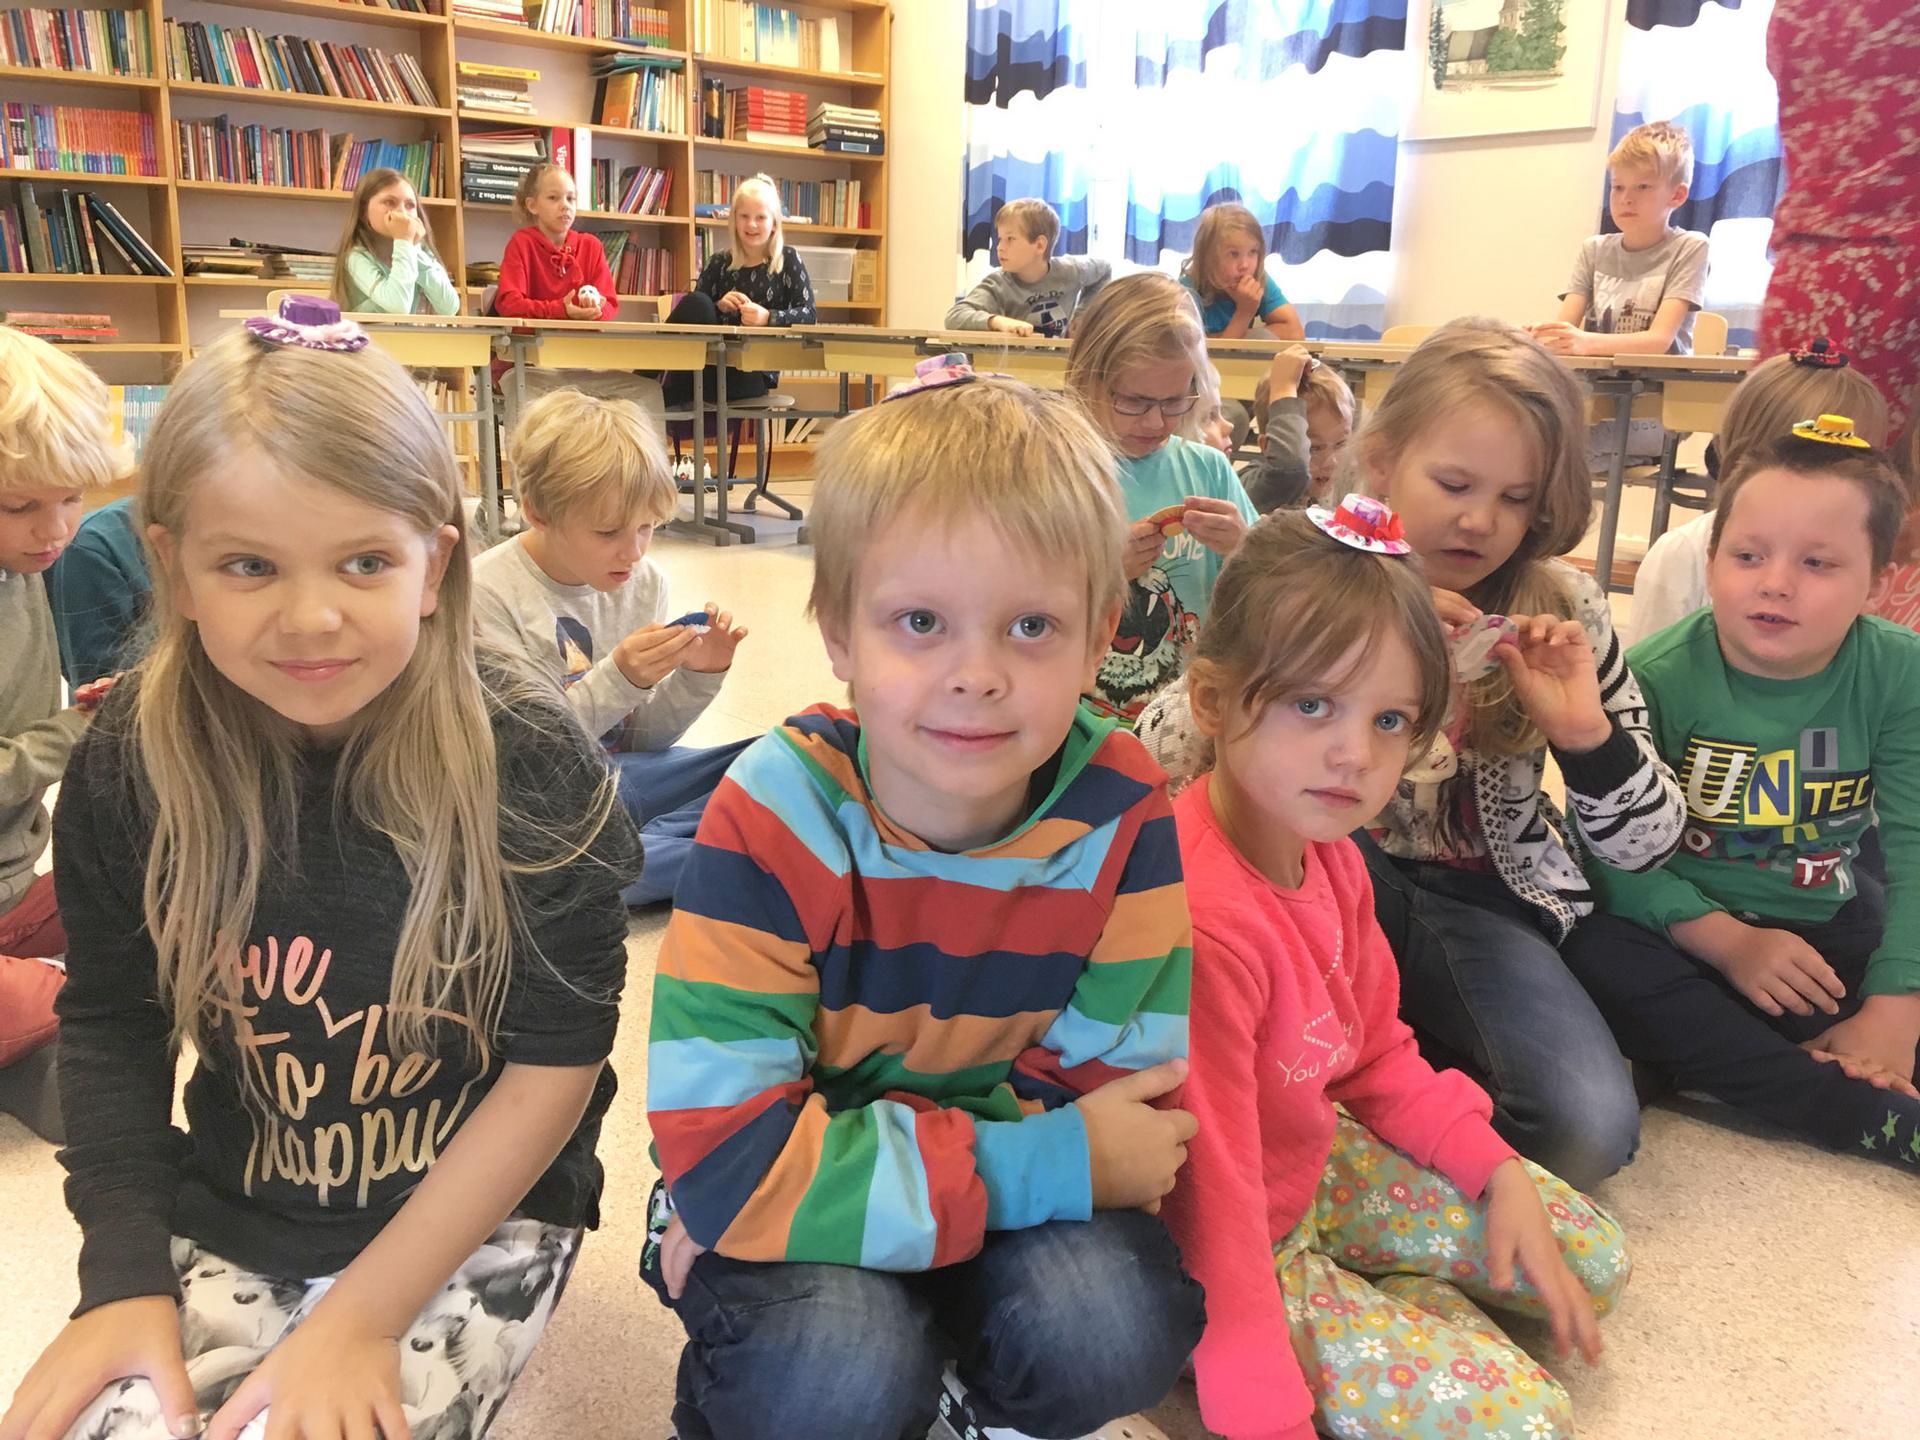 Vanhempainyhdistyksen mukaan Raikun koulu ei vaadi peruskorjausta, sillä tilat ovat toimivat ja sisäilma kunnossa. Kuvassa oppilaat odottelevat Jalmarin Kodon väkeä vieraisille. Kuva: Raikun koulun arkisto